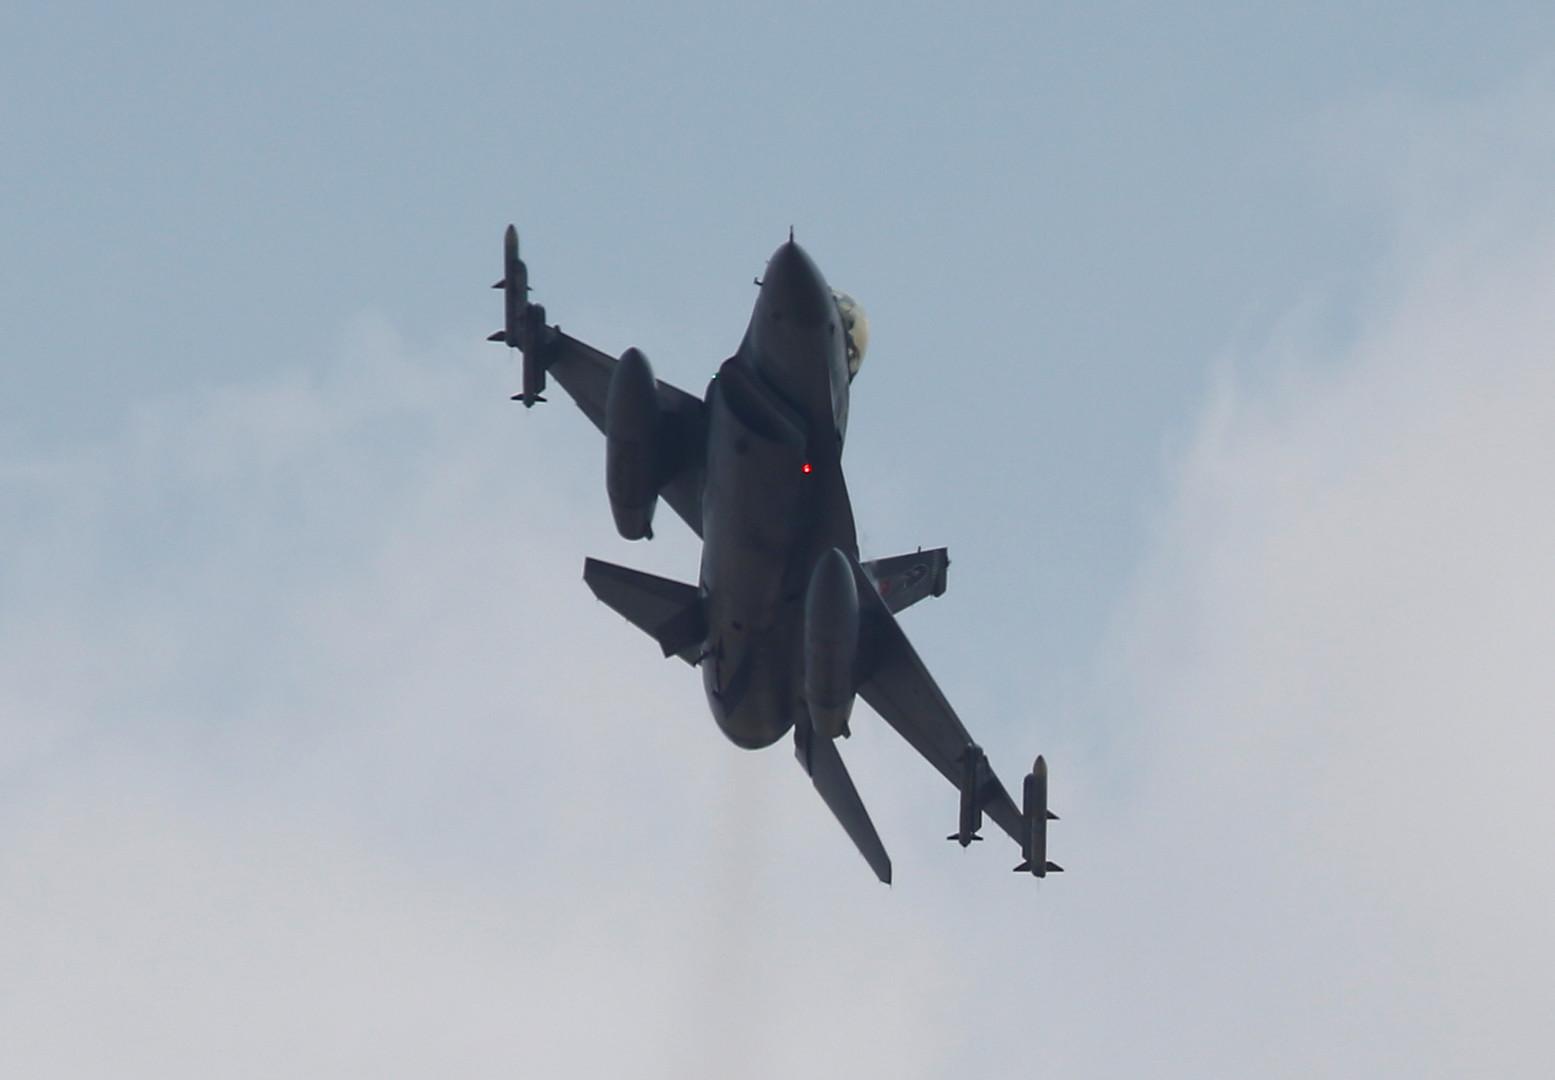 غارات تركية شمالي العراق وبرلمان كردستان يطالب بغداد بتحمل مسؤولياتها